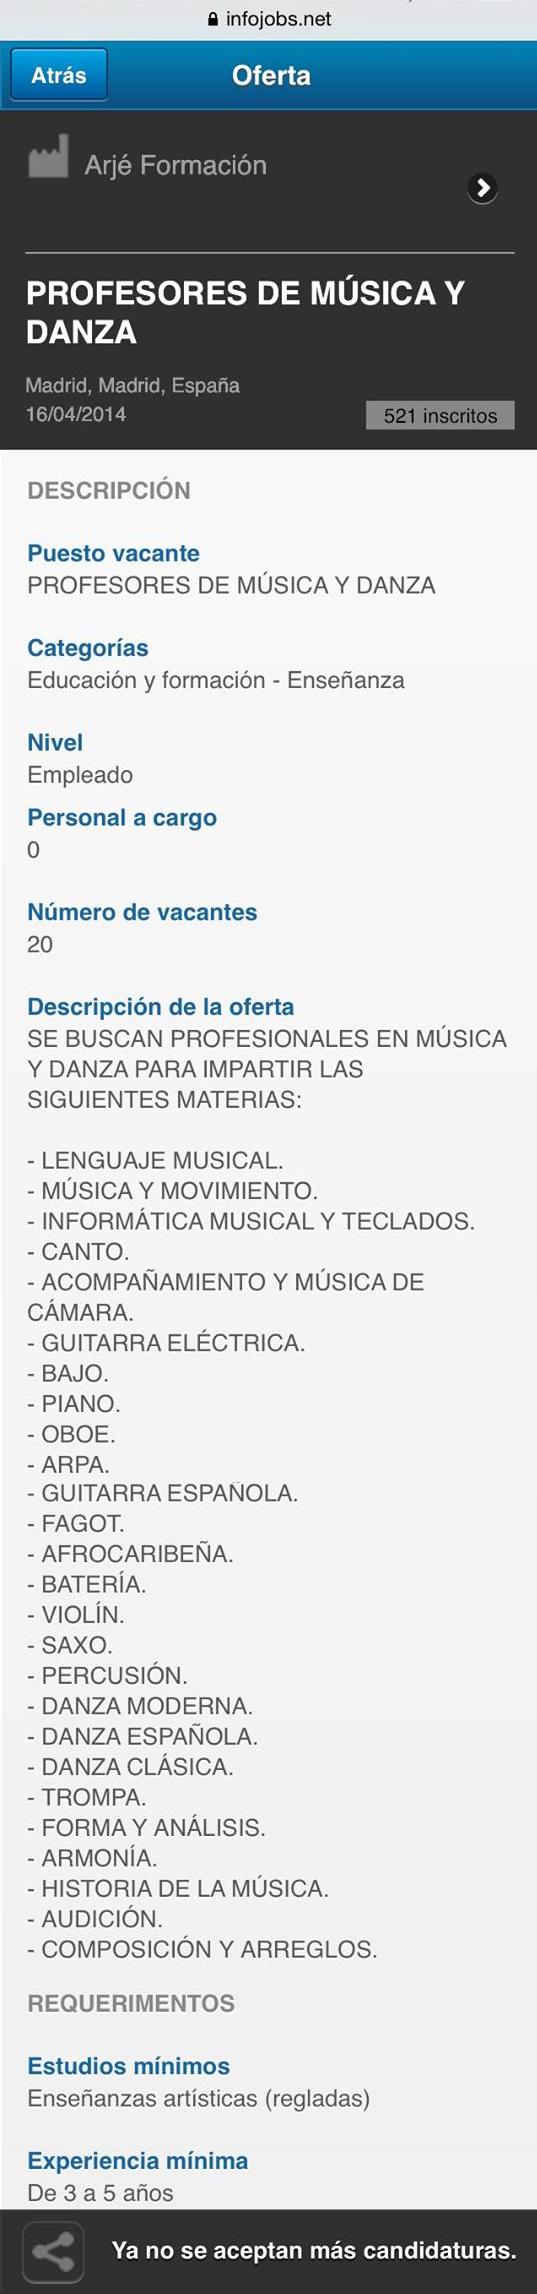 Oferta en Infojobs (16 de abril de 2014)